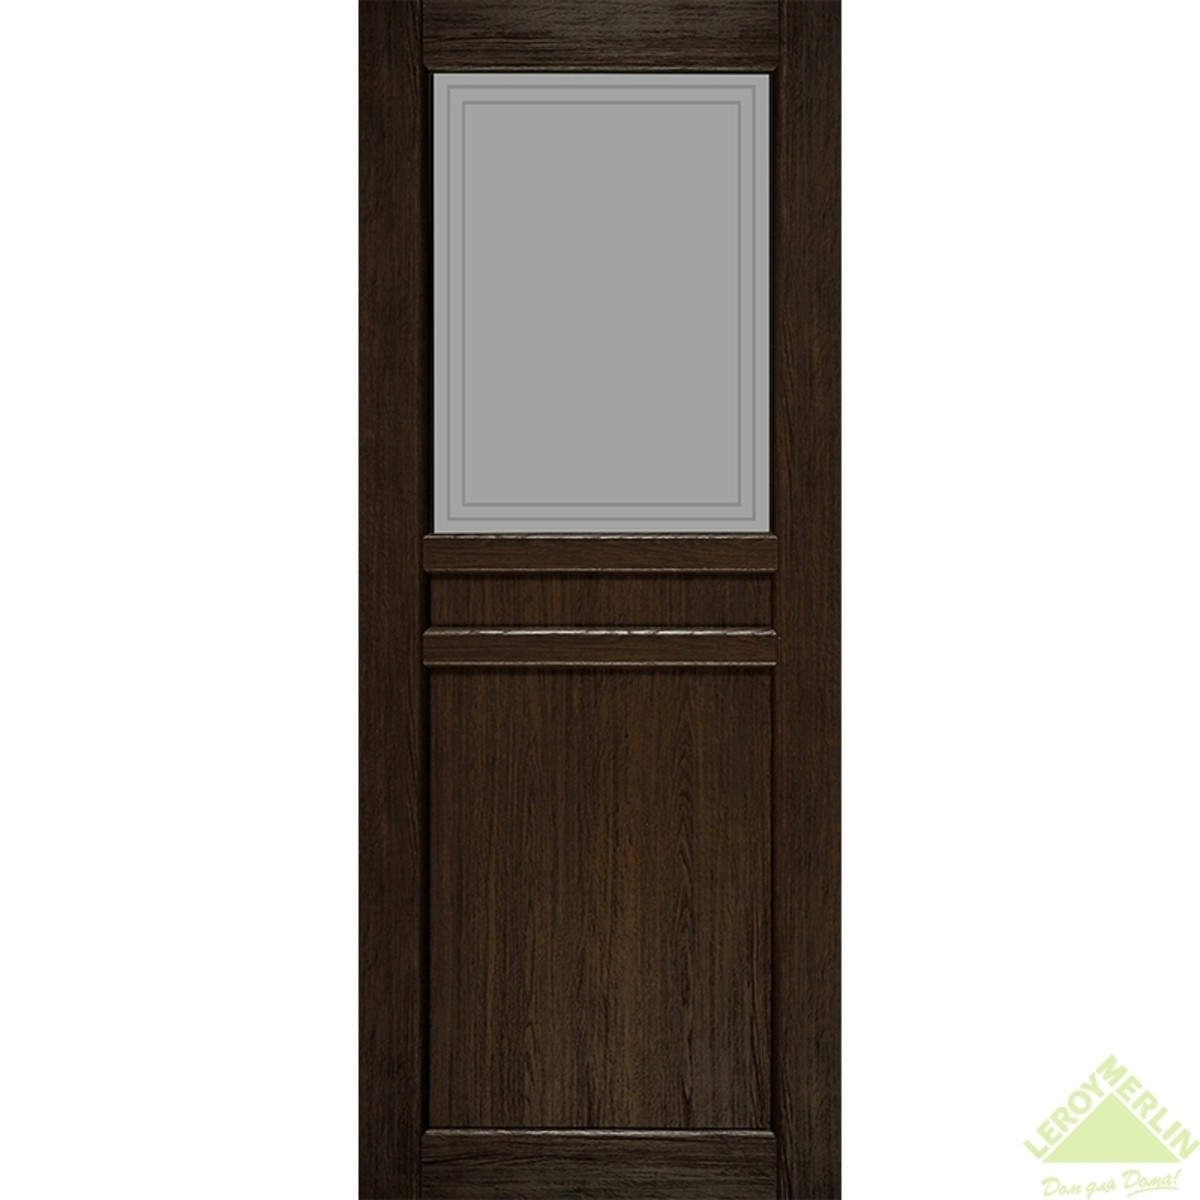 Дверное полотно остеклённое Элегия CPL 900x2000 мм ясень шоколадный